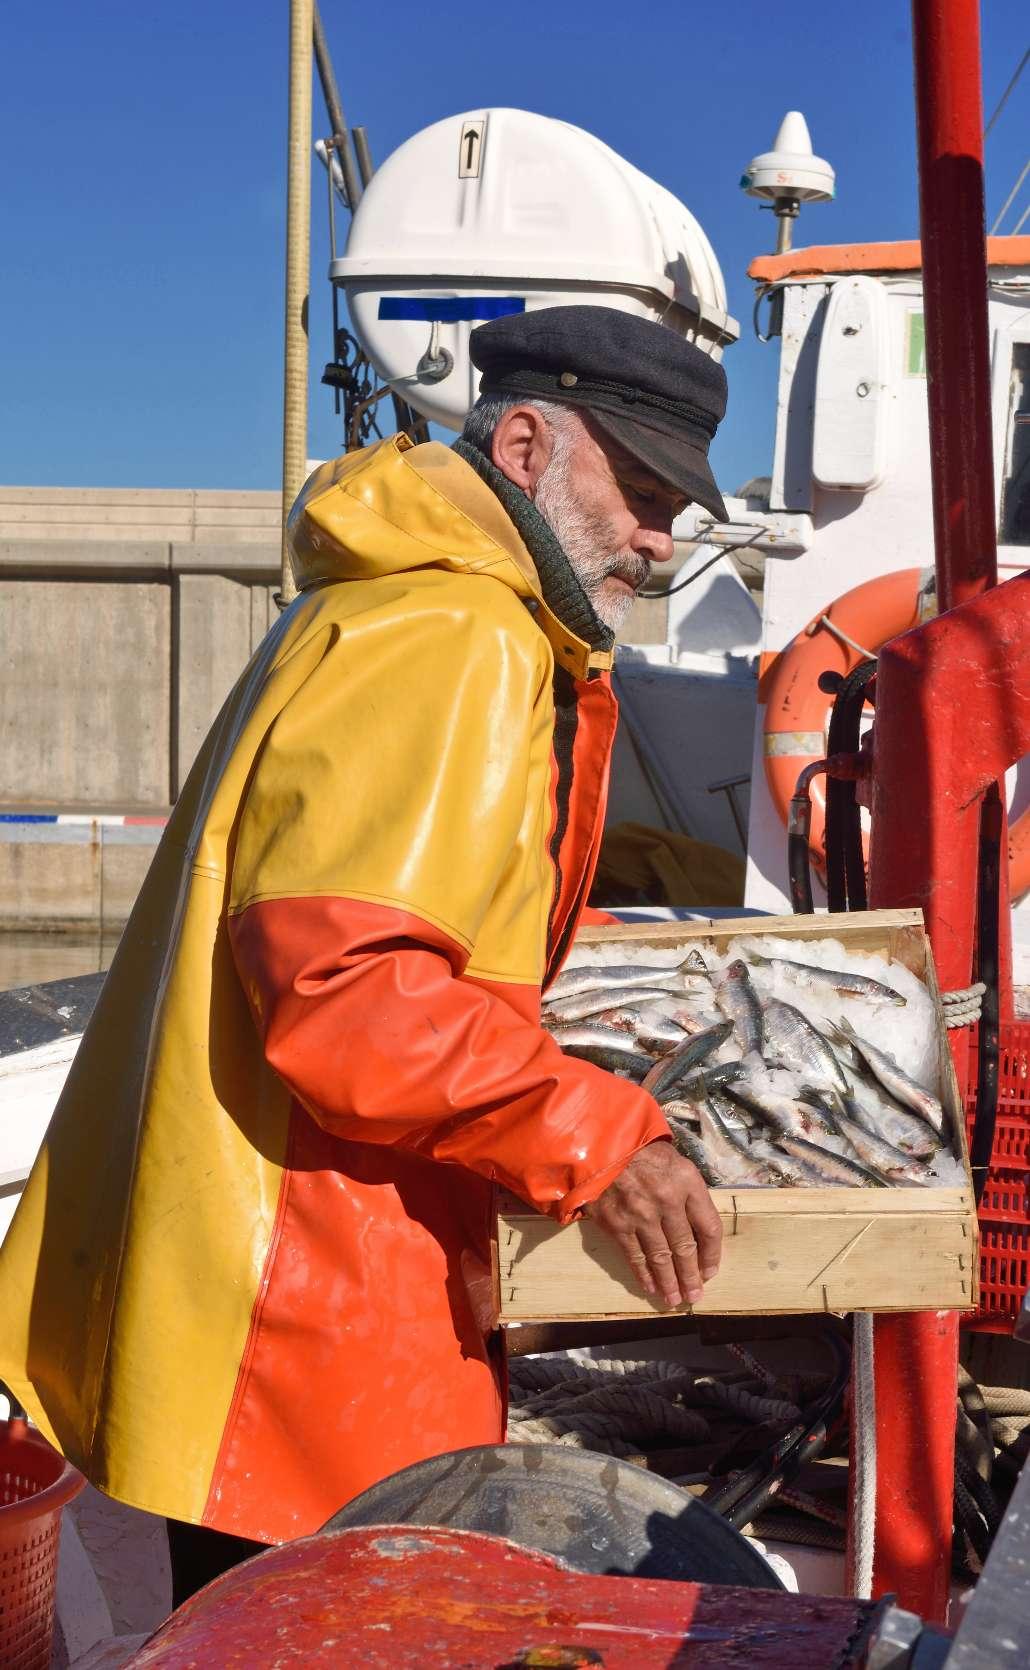 Trabajador de acuicultura y pesca